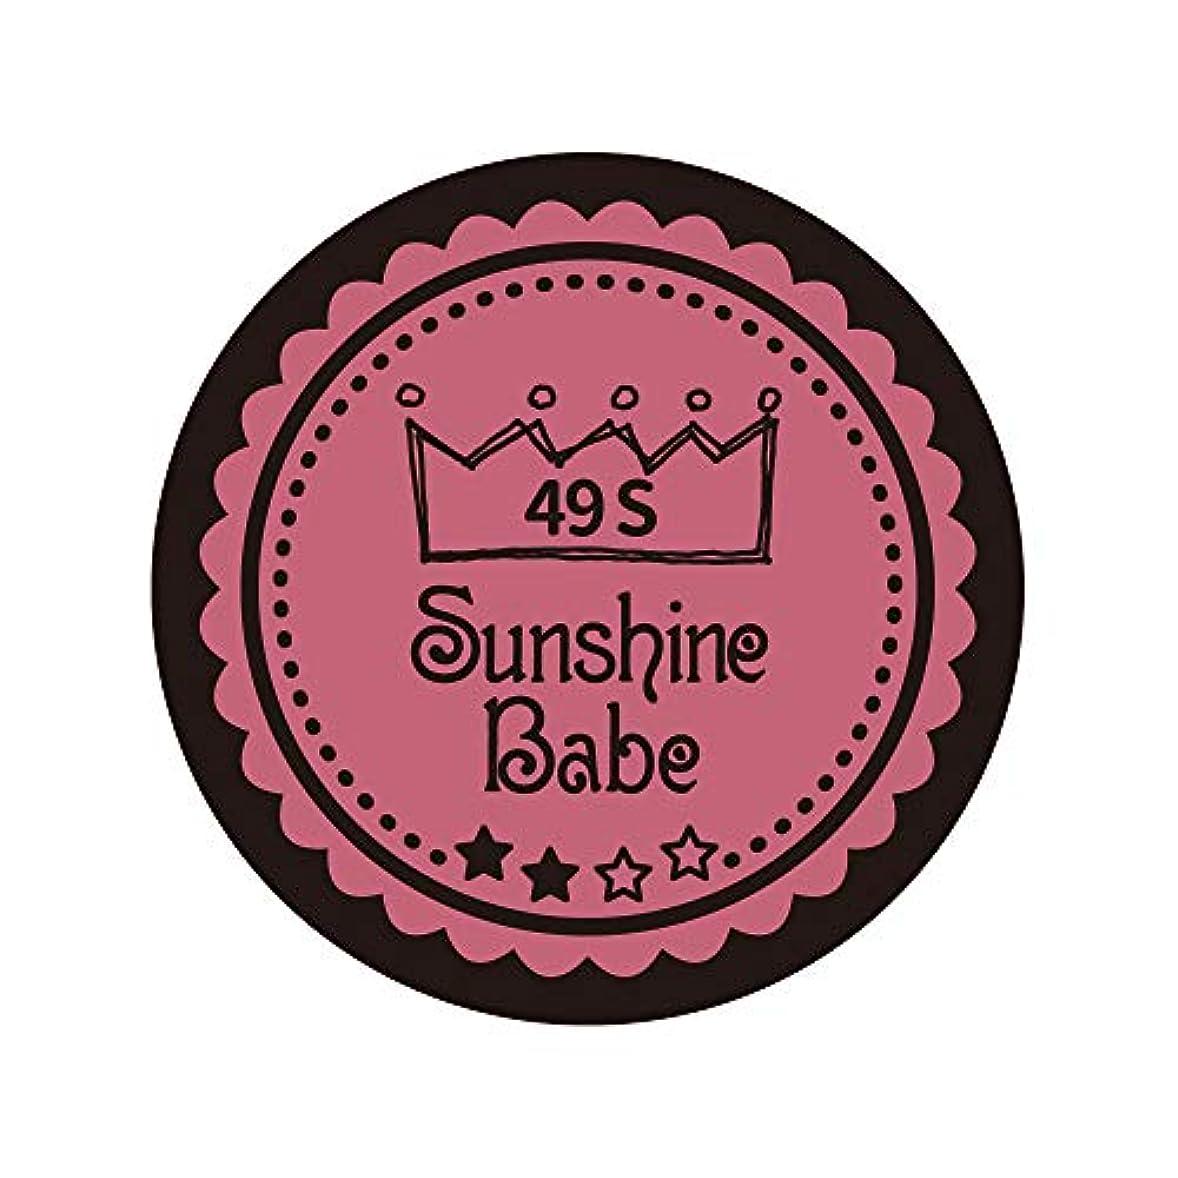 分類する皮肉な野望Sunshine Babe カラージェル 49S カシミアピンク 4g UV/LED対応